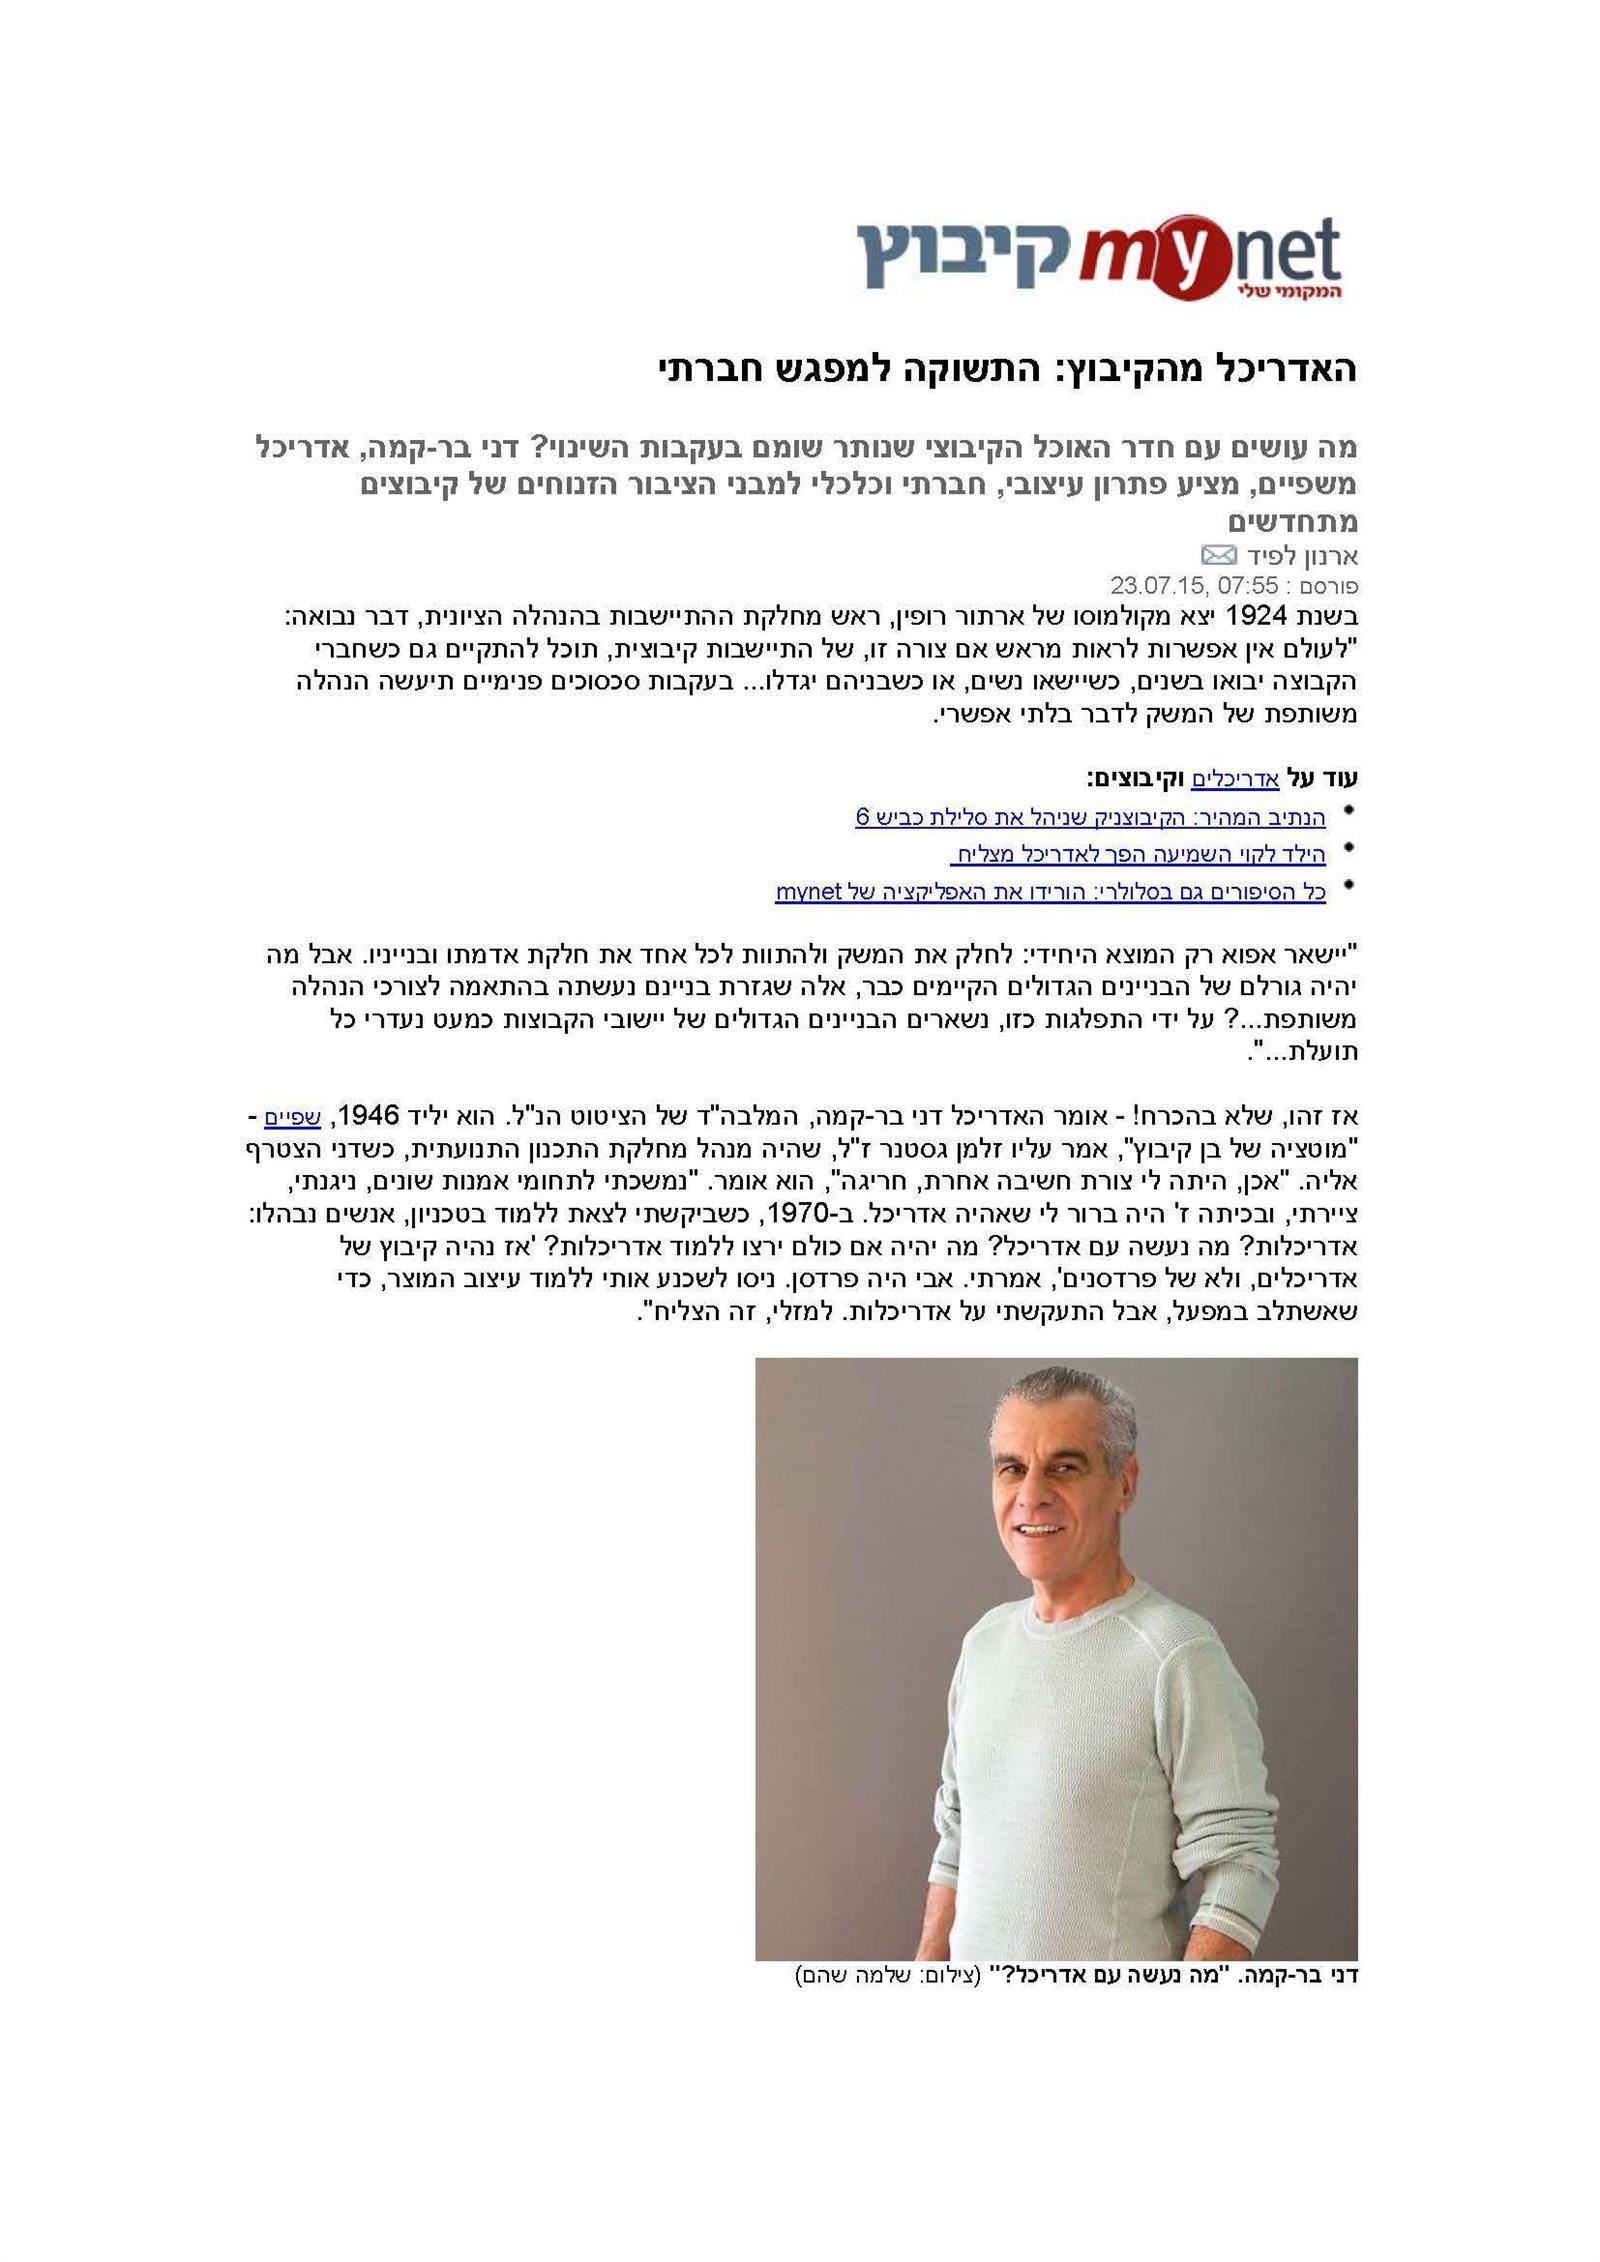 mynet kibbutz